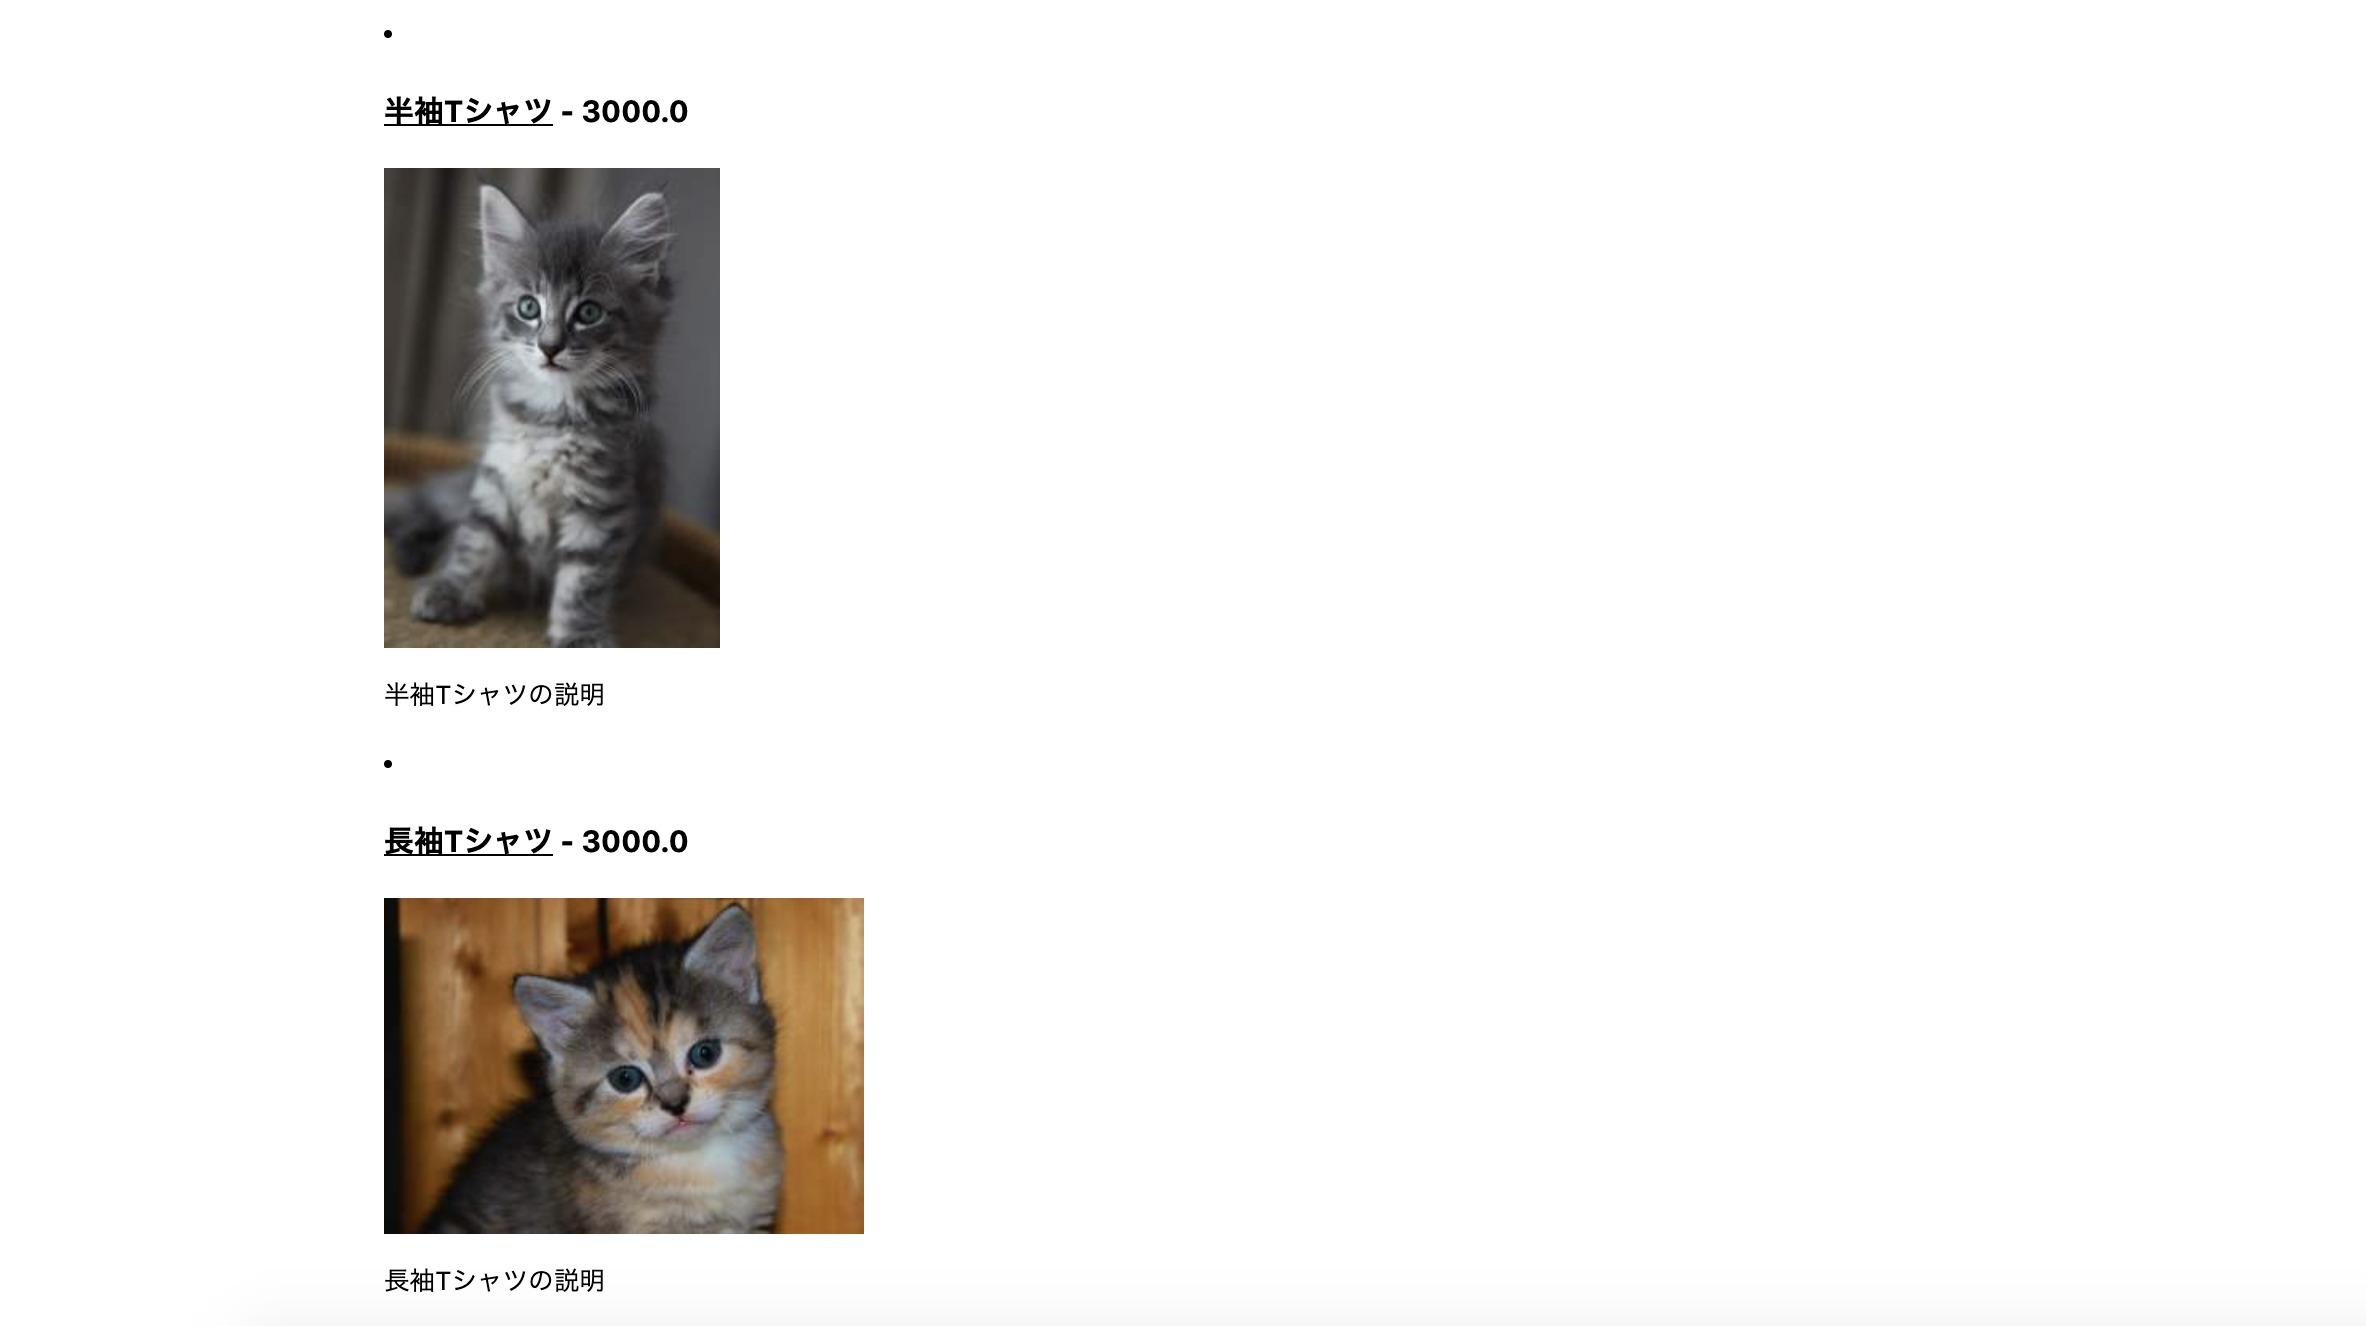 アイキャッチ画像:GatsbyJS と Shopify を連携し、商品情報を表示する